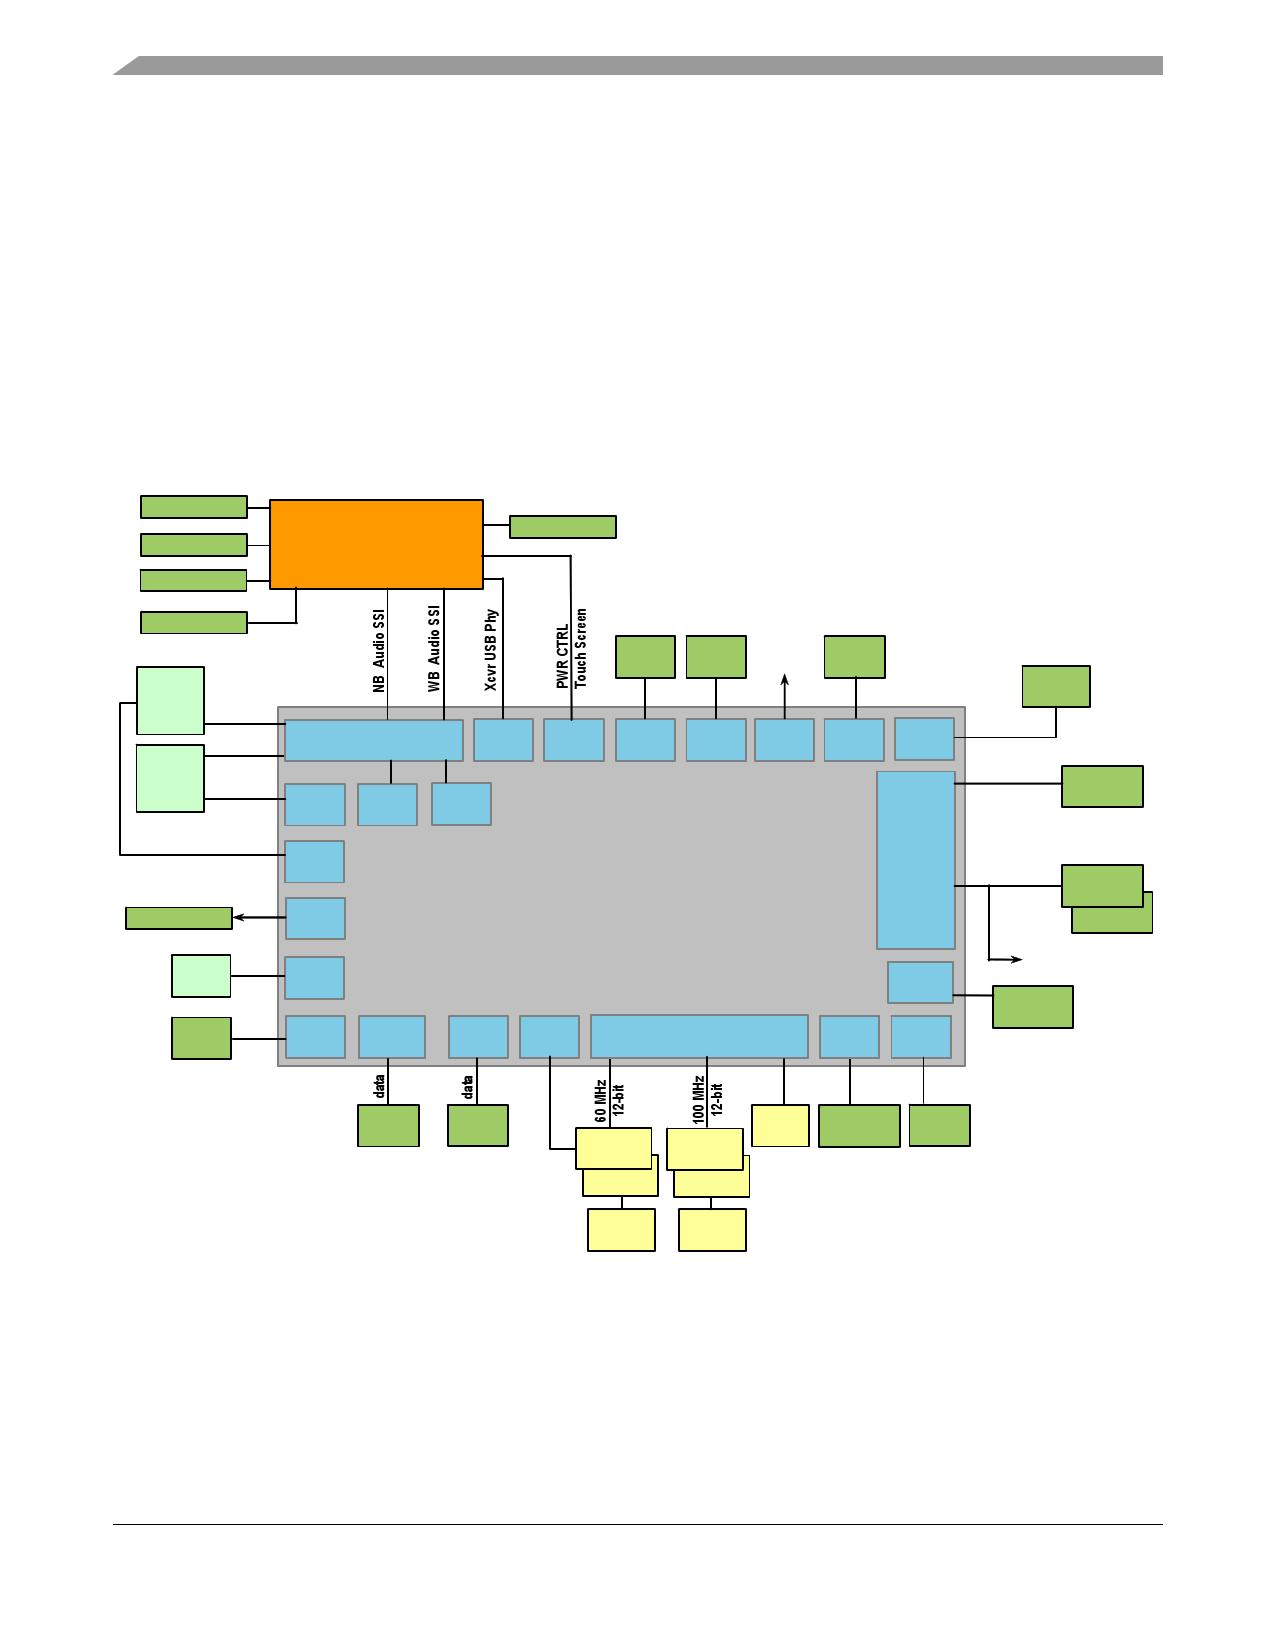 I.MX31 arduino